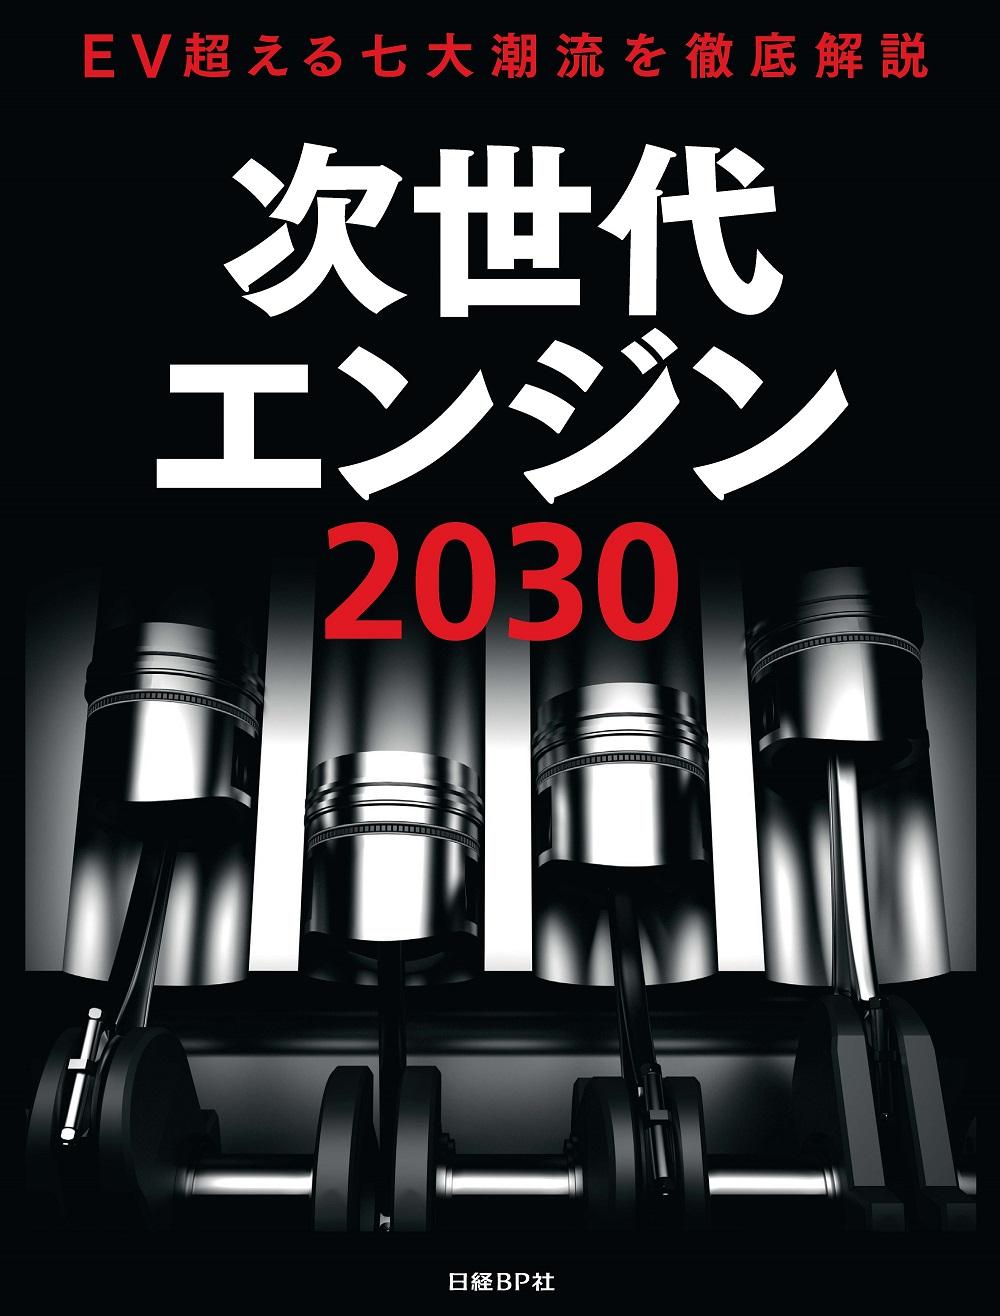 次世代エンジン2030